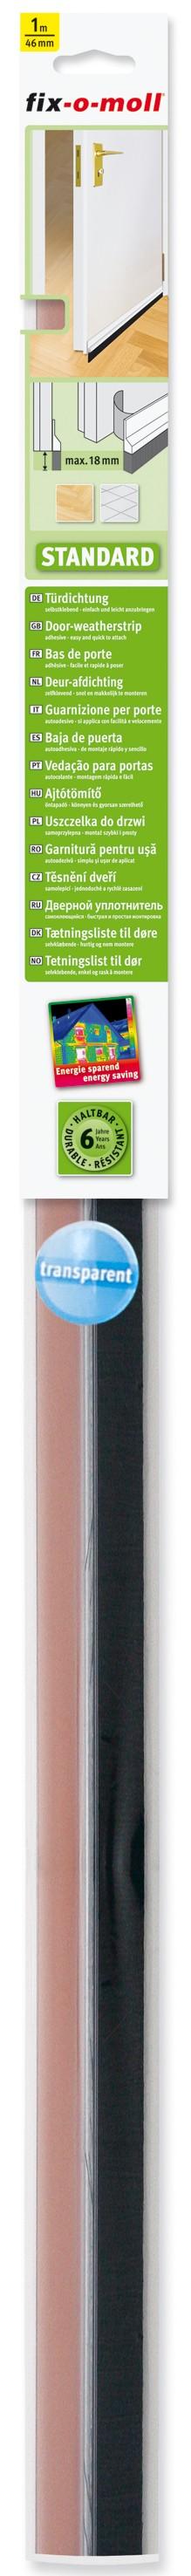 Türdichtung Standard fix-o-moll mit Bürste, transparent 1m x 46mm